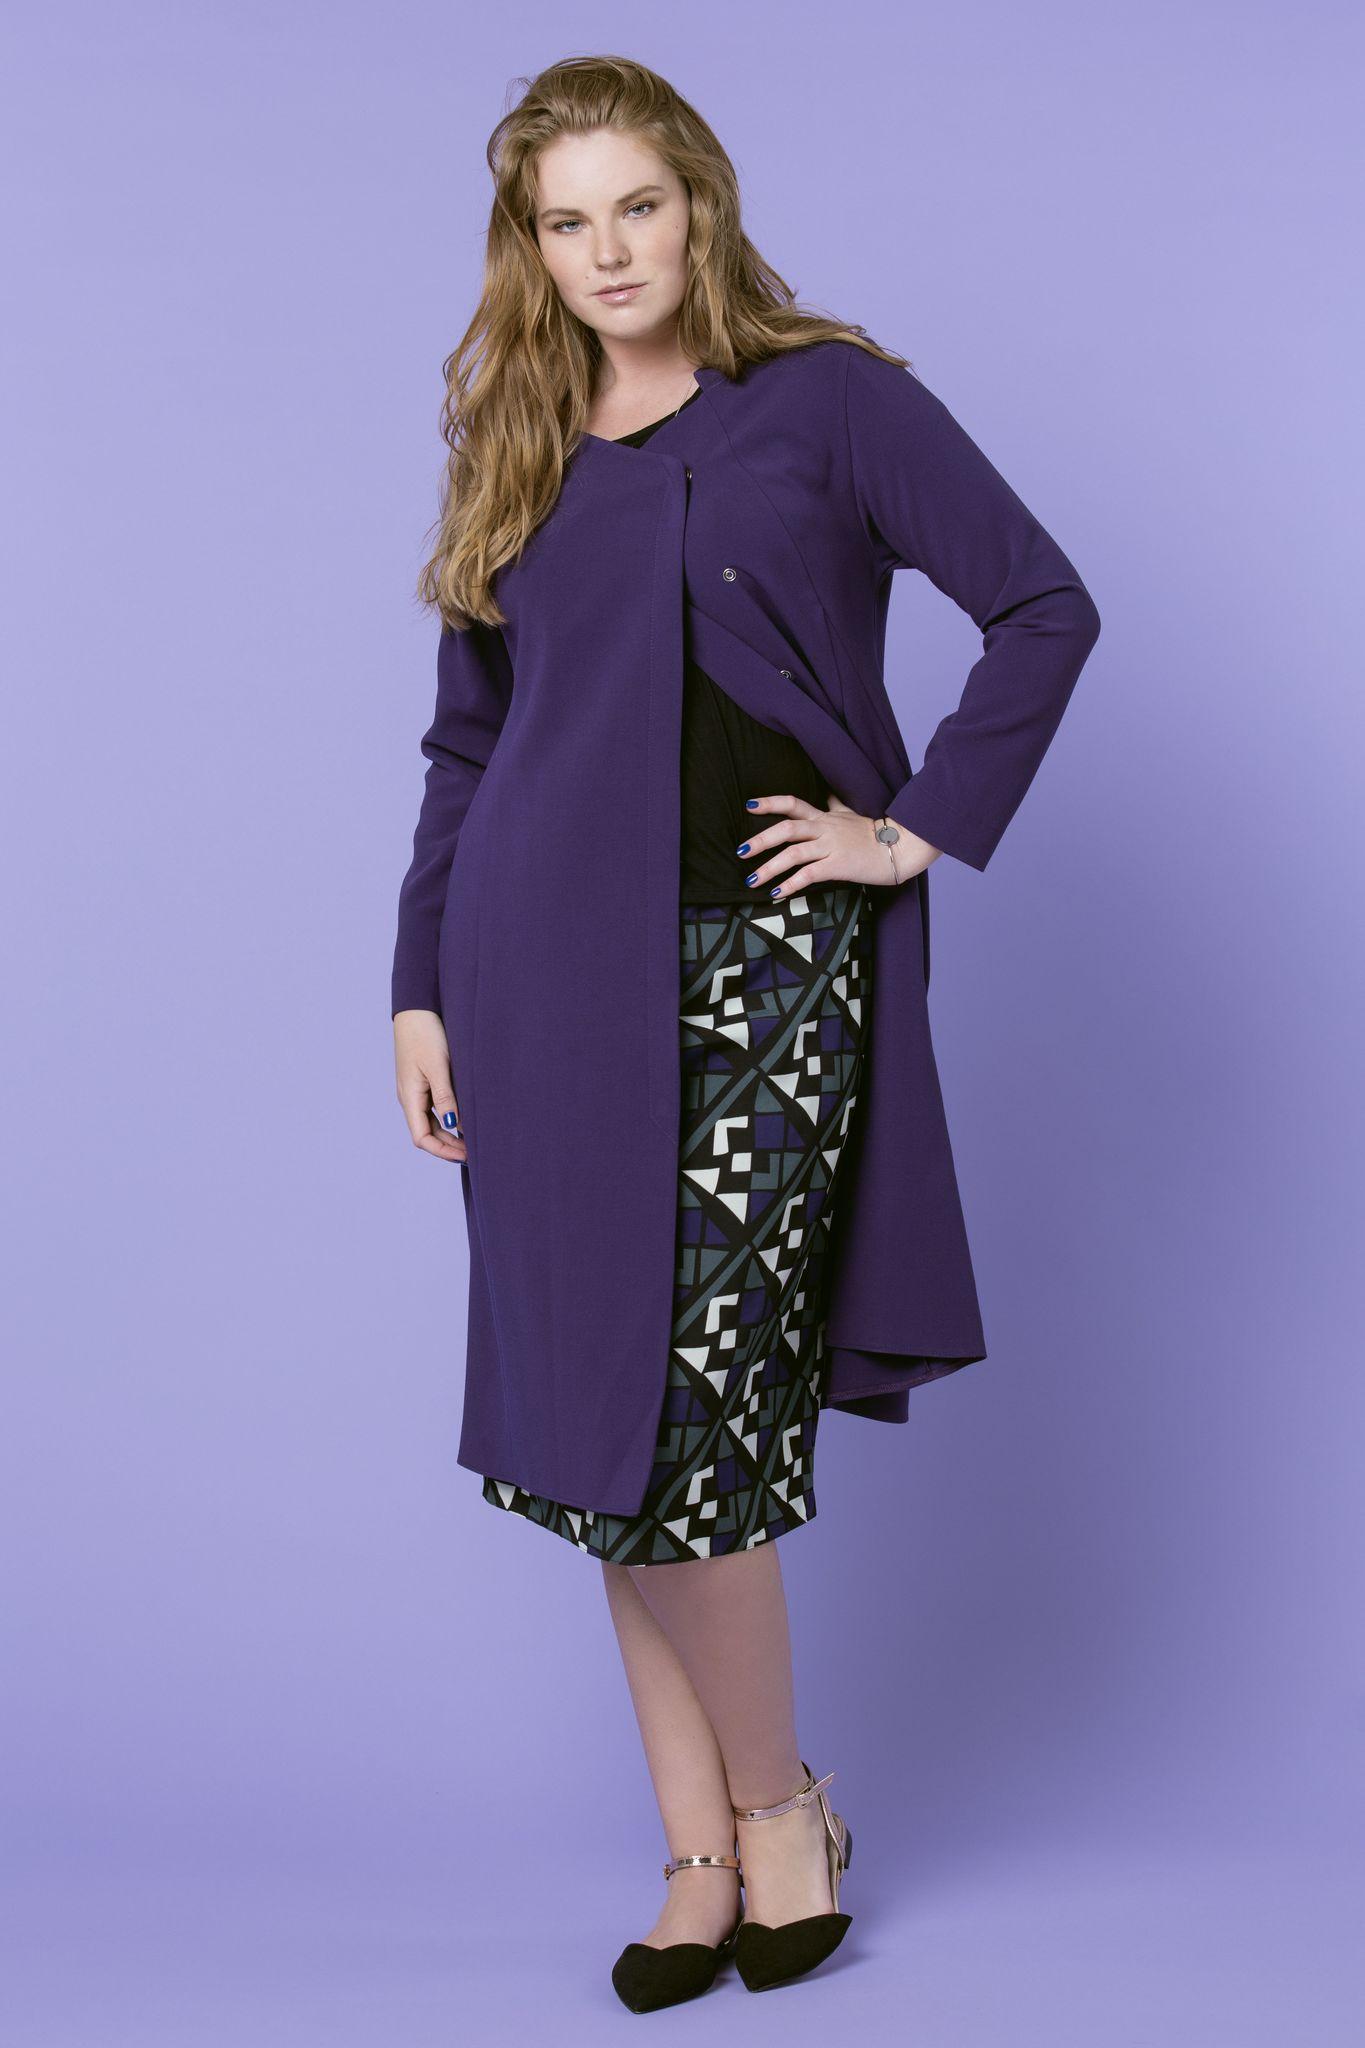 Платье BASE-03 DR03 CO19Платья<br>Да, вы не ошиблись- это то самое платье-пальто! Оно полностью перевернет Ваше представление о правильном гардеробе. Комфортное и практичное, сильное, модное, легкое и фантастически функциональное - его можно носить как самостоятельно, так и в качестве летнего пальто. Удобные застежки и ассиметрия, дизайнерские линии ворота- это платье-пальто просто идеально.<br>